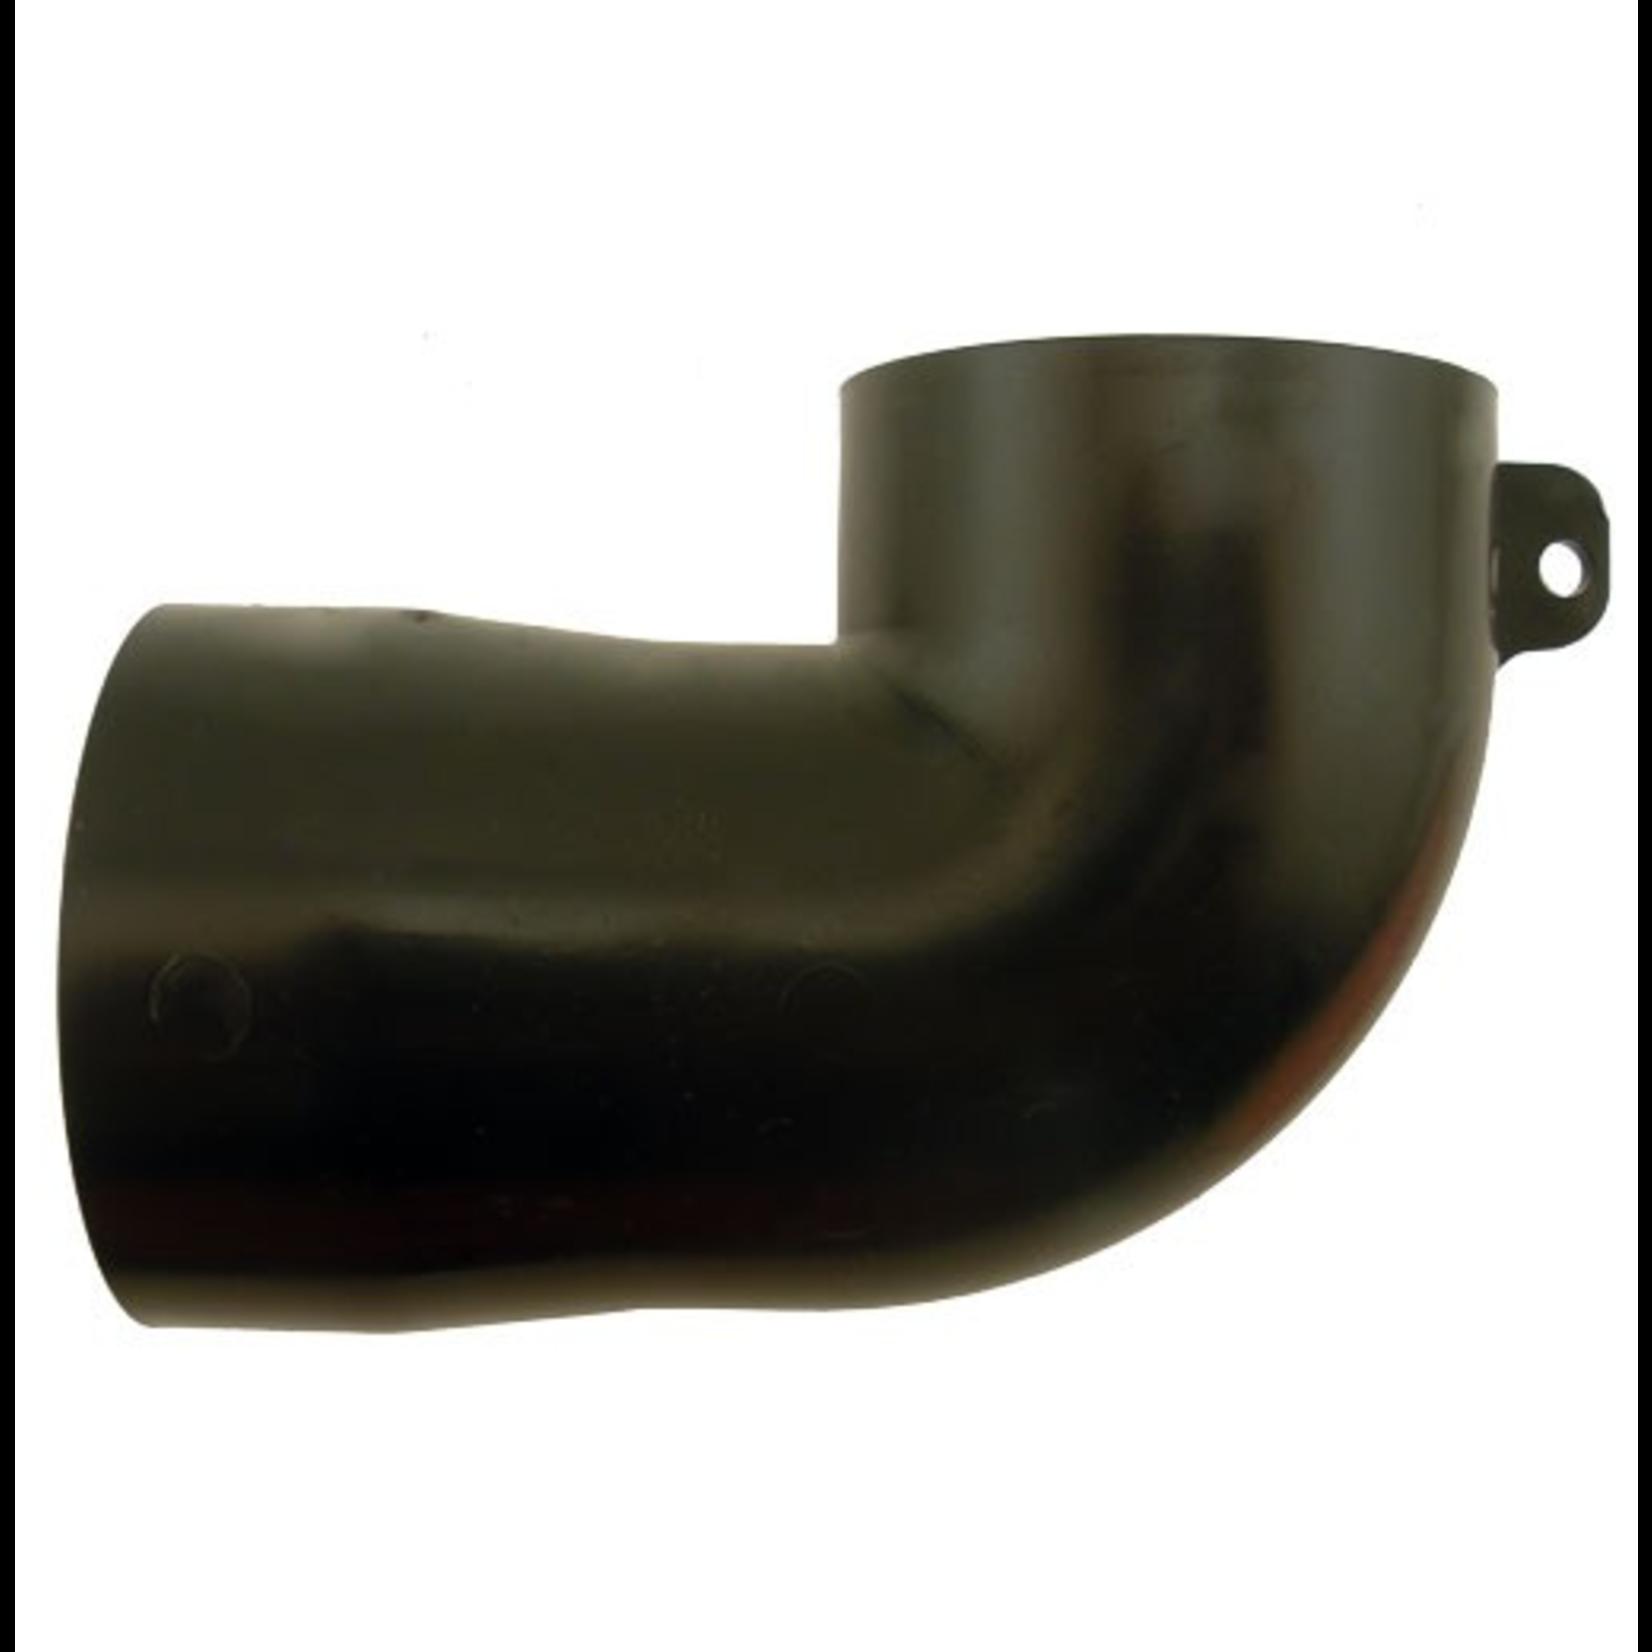 BEAM BEAM Exhaust Elbow w/ Hardware